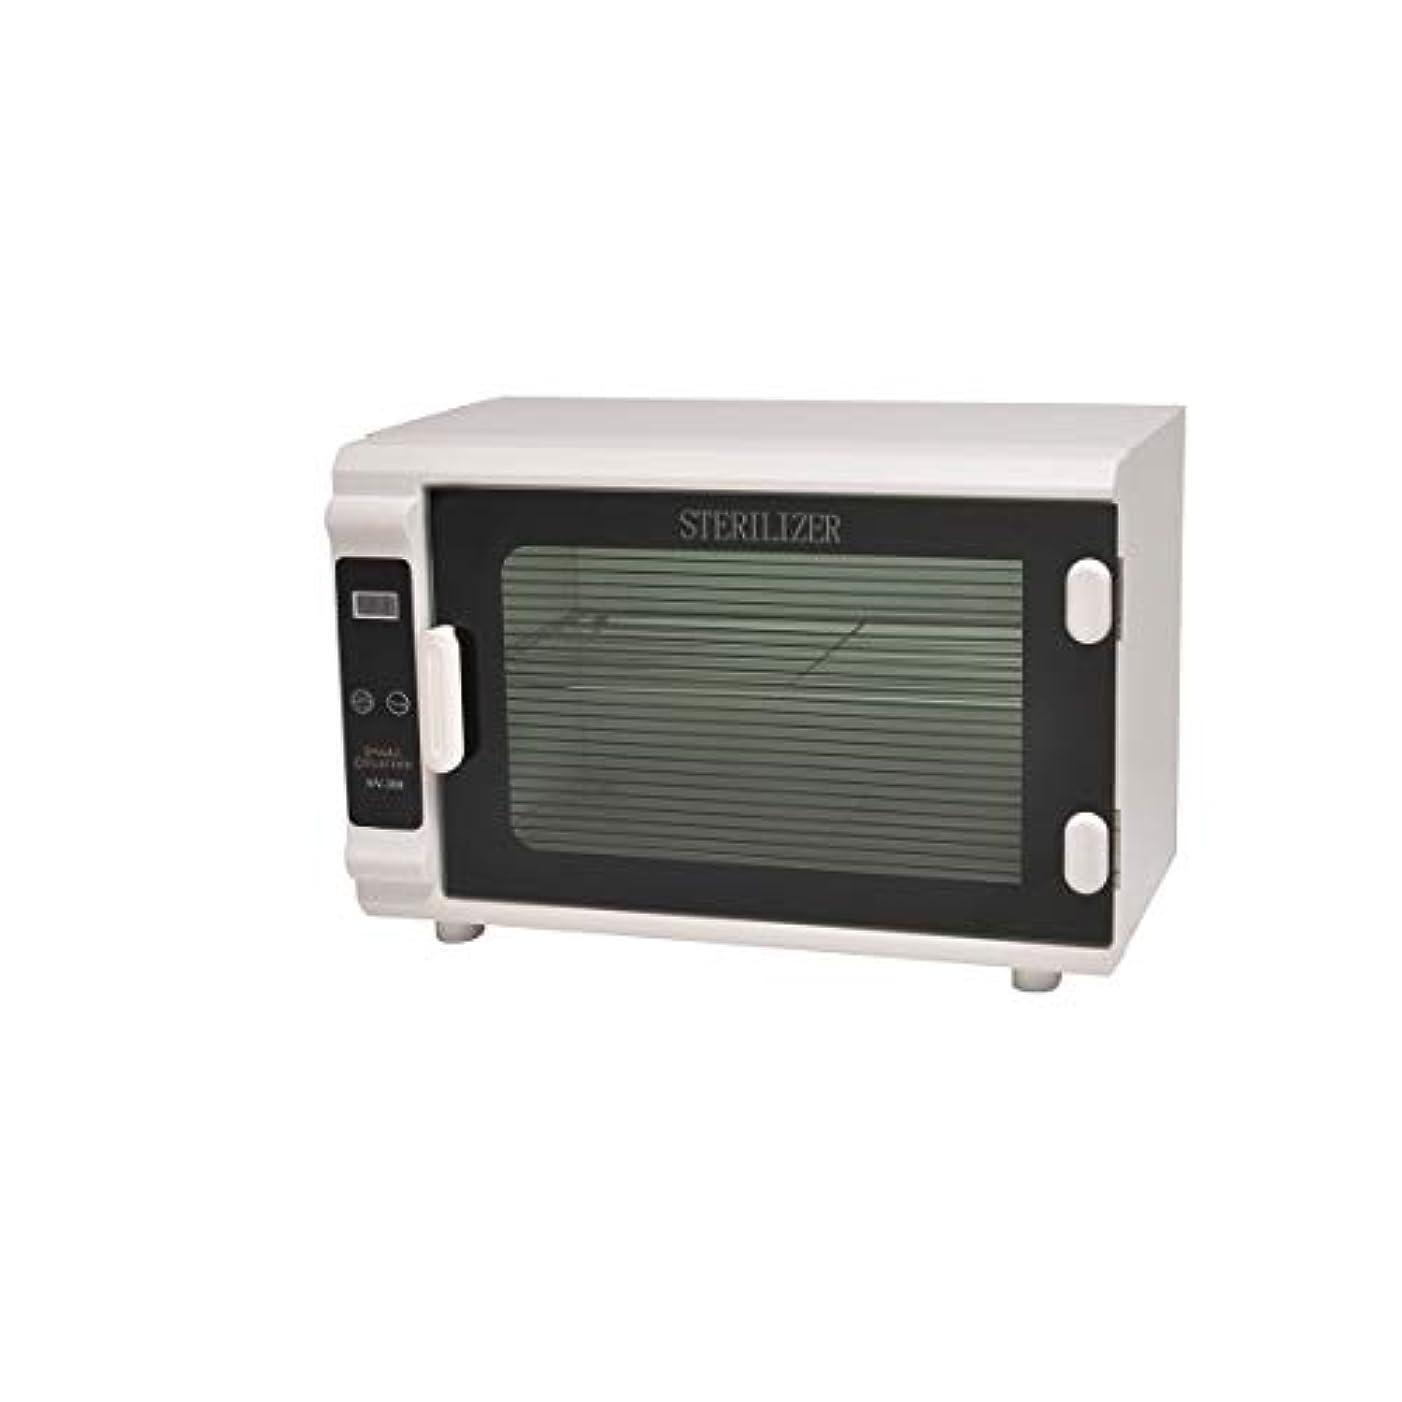 付録クッション忍耐タイマー付紫外線消毒器NV-308EX(PHILIPS社製ライト採用)